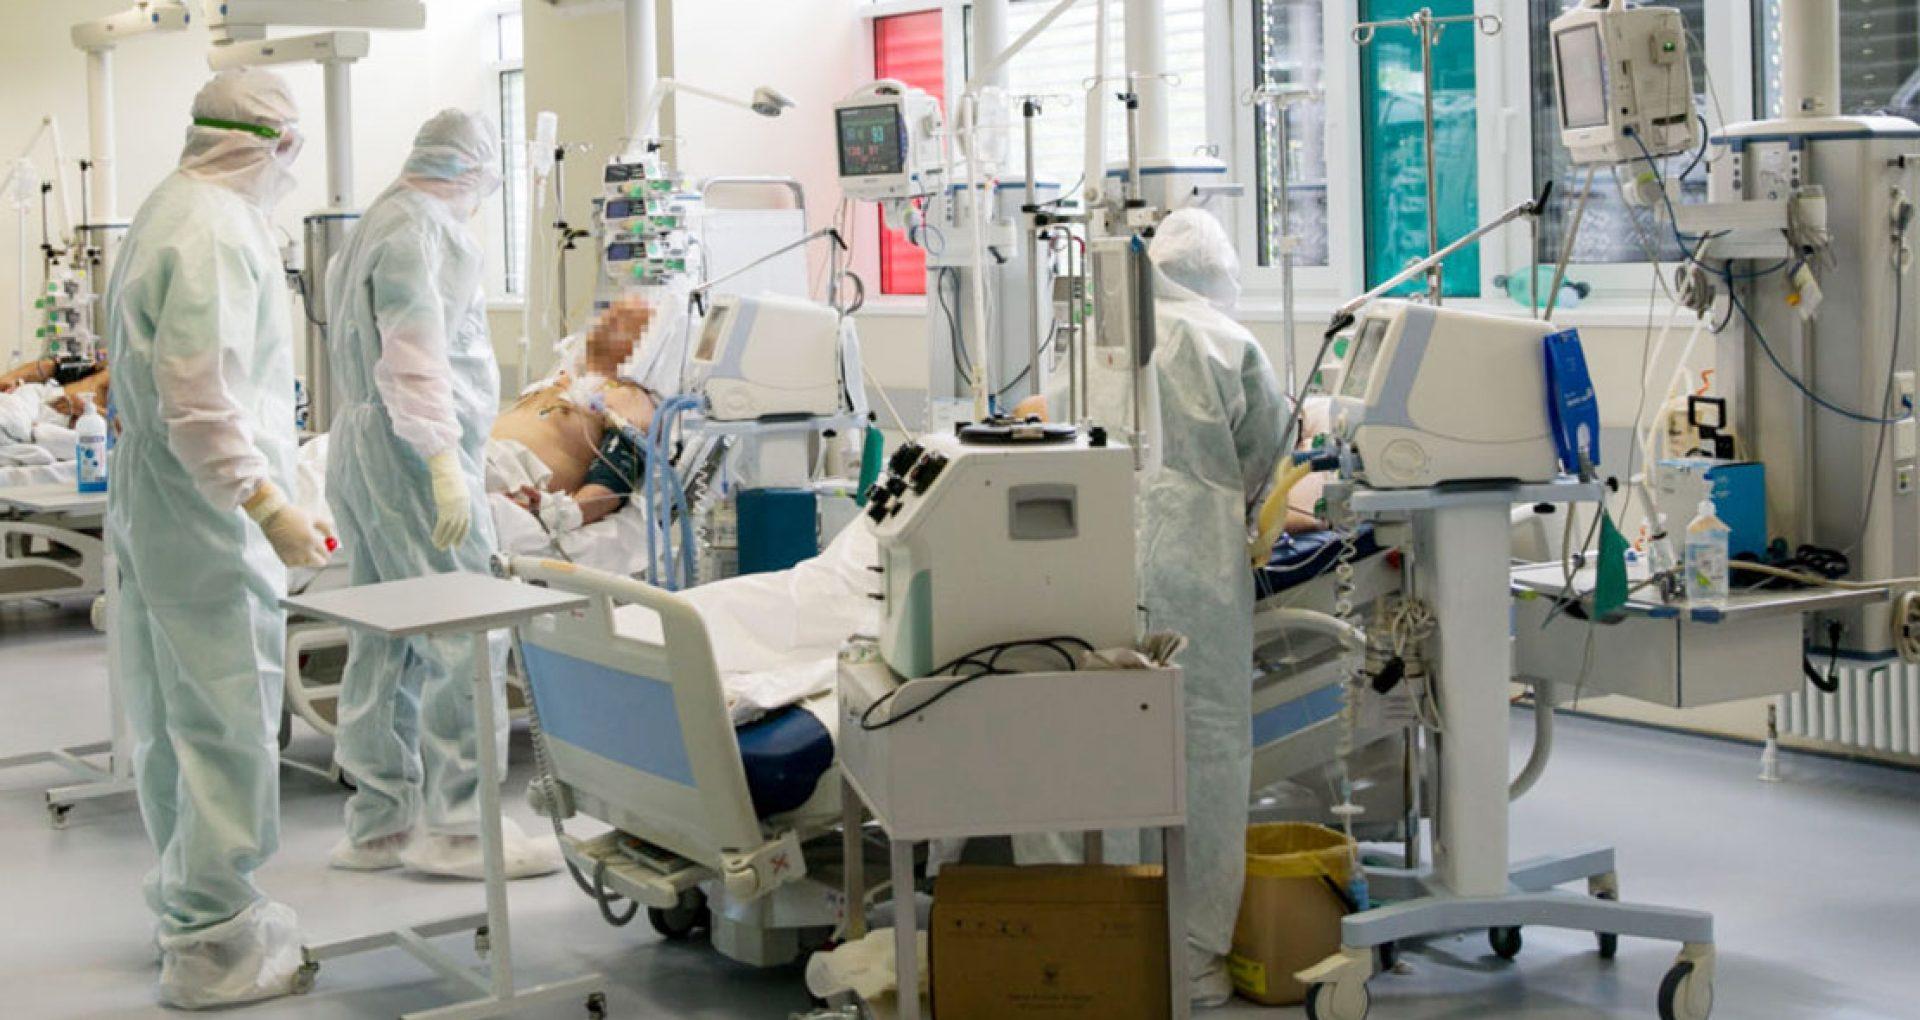 46 de oameni au murit, iar 773 s-au infectat cu COVID-19, în ultimele 24 de ore